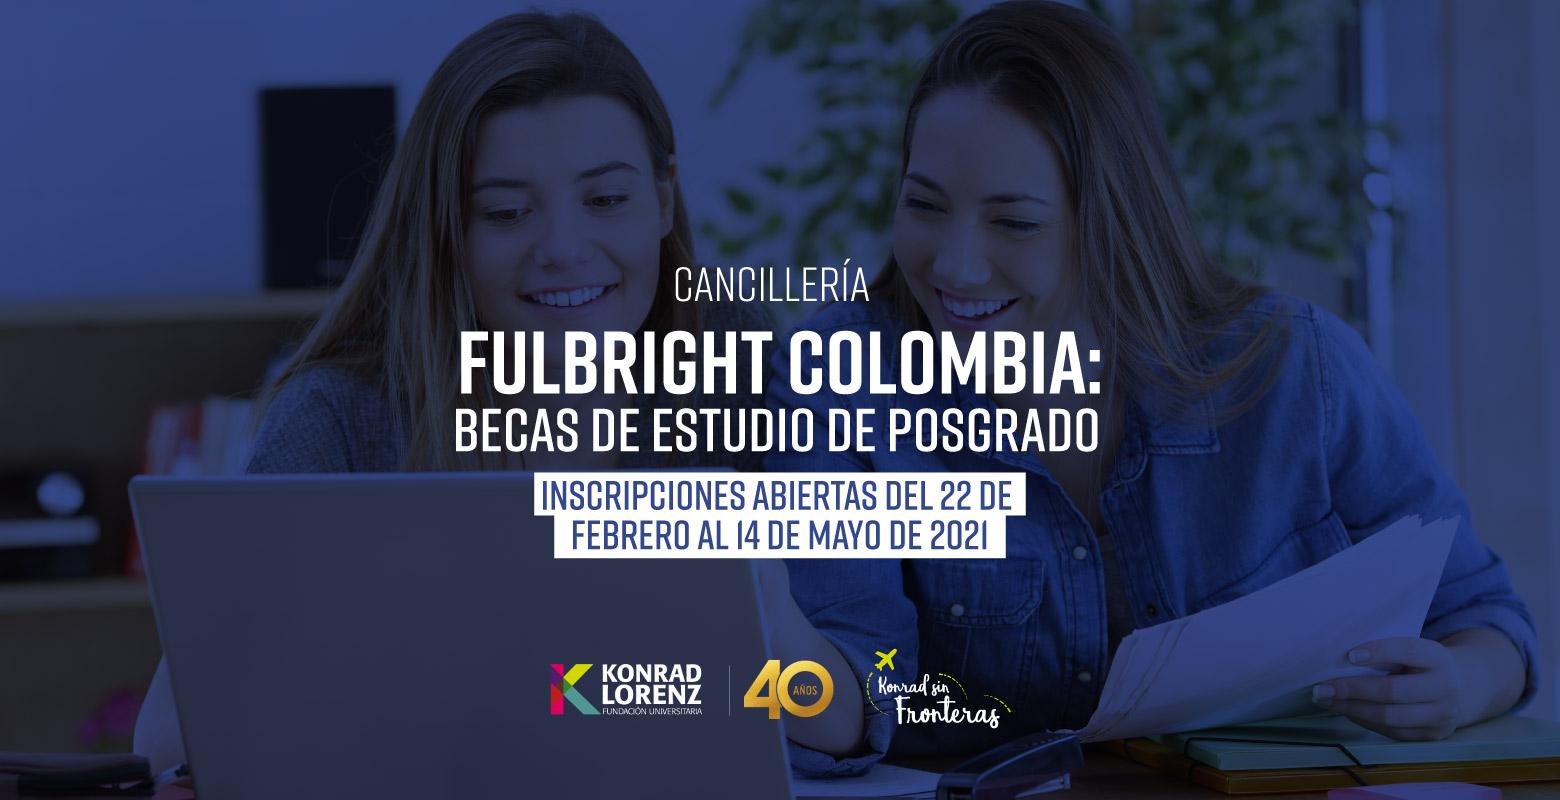 Fulbright Colombia: Becas de Estudio de Posgrado